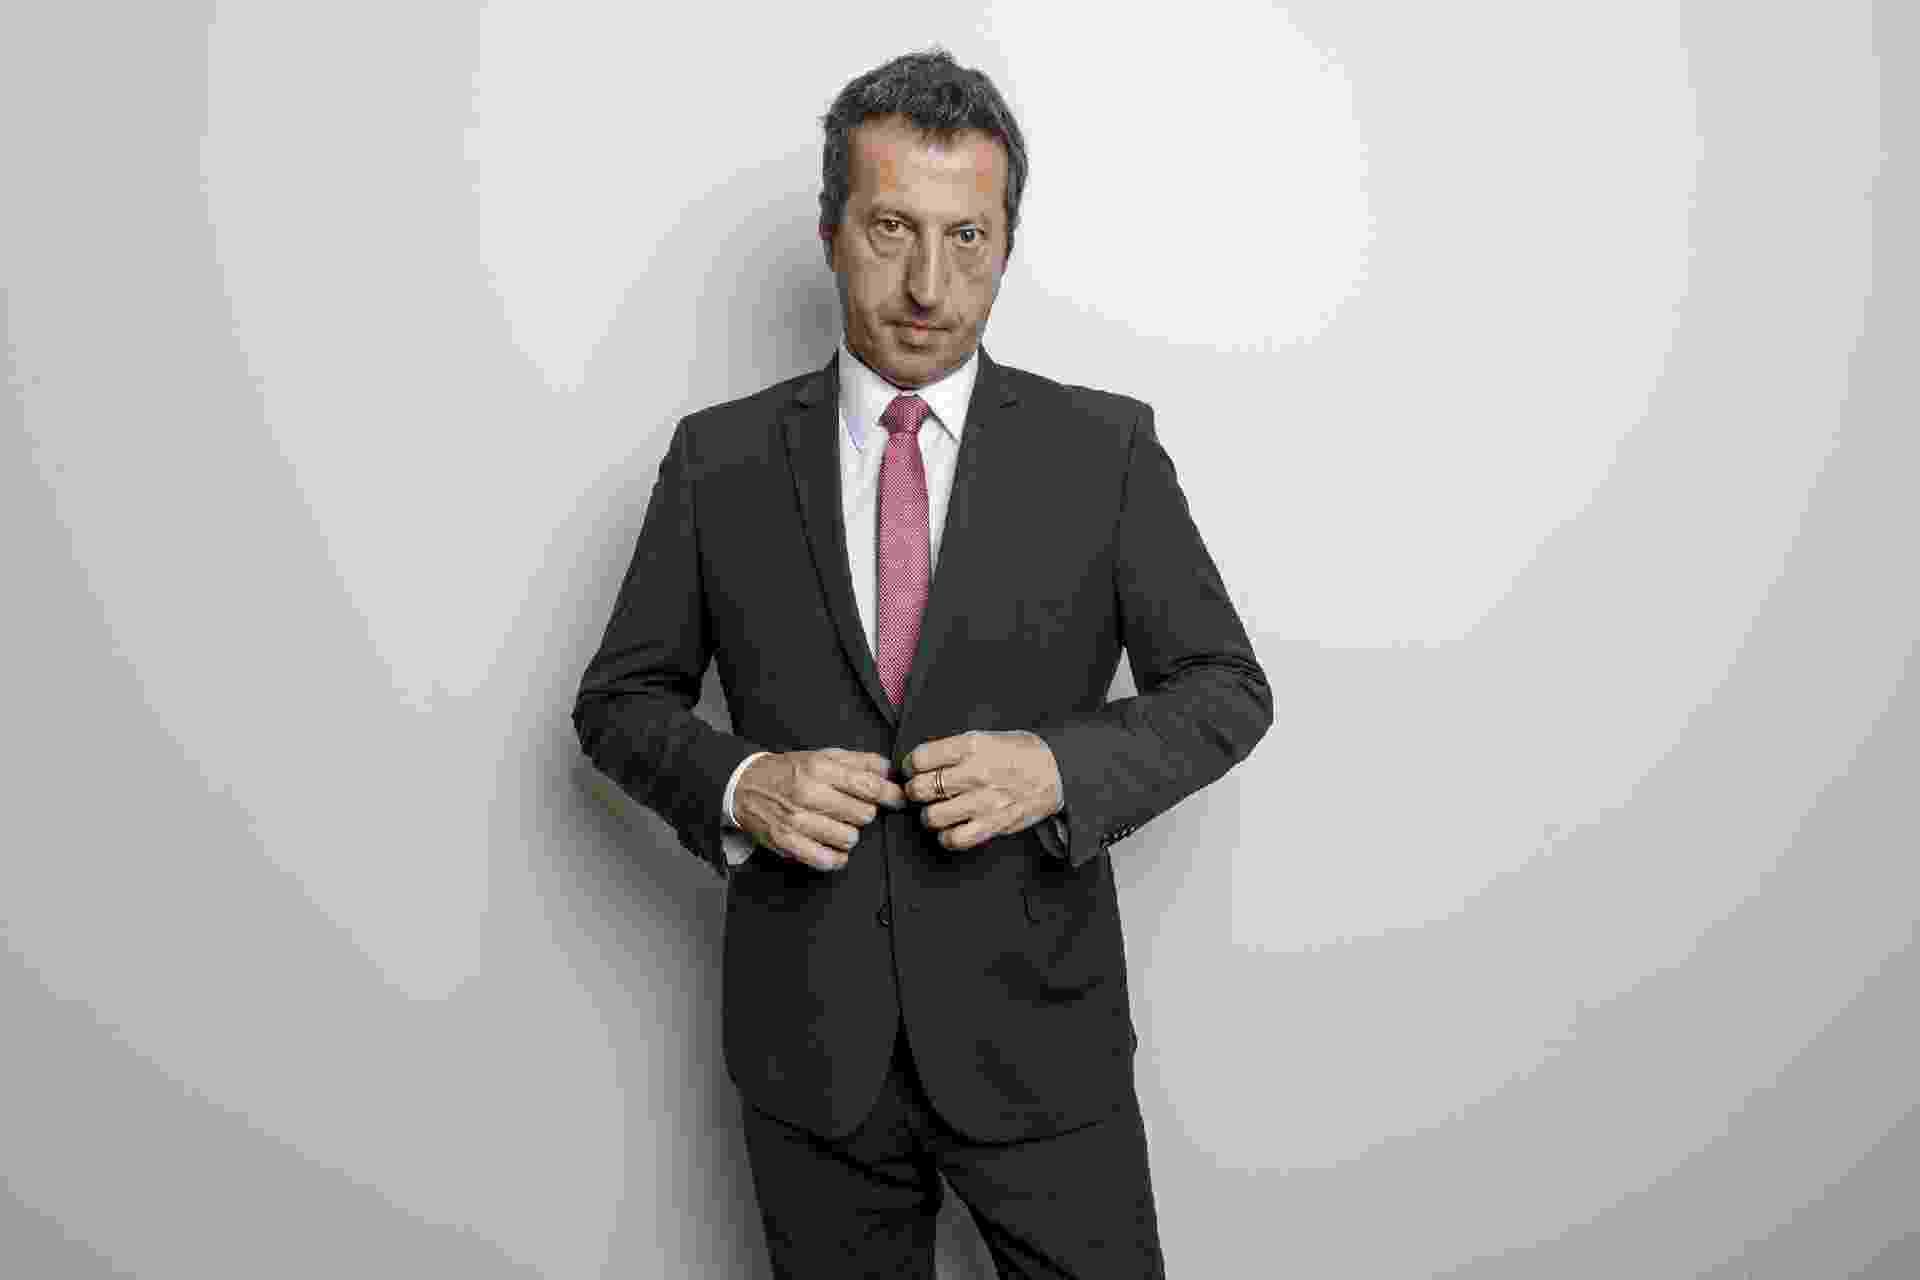 Terno e gravata são o traje cotidiano de Fernando Magrin como executivo de uma companhia aérea - Mariana Pekin/UOL